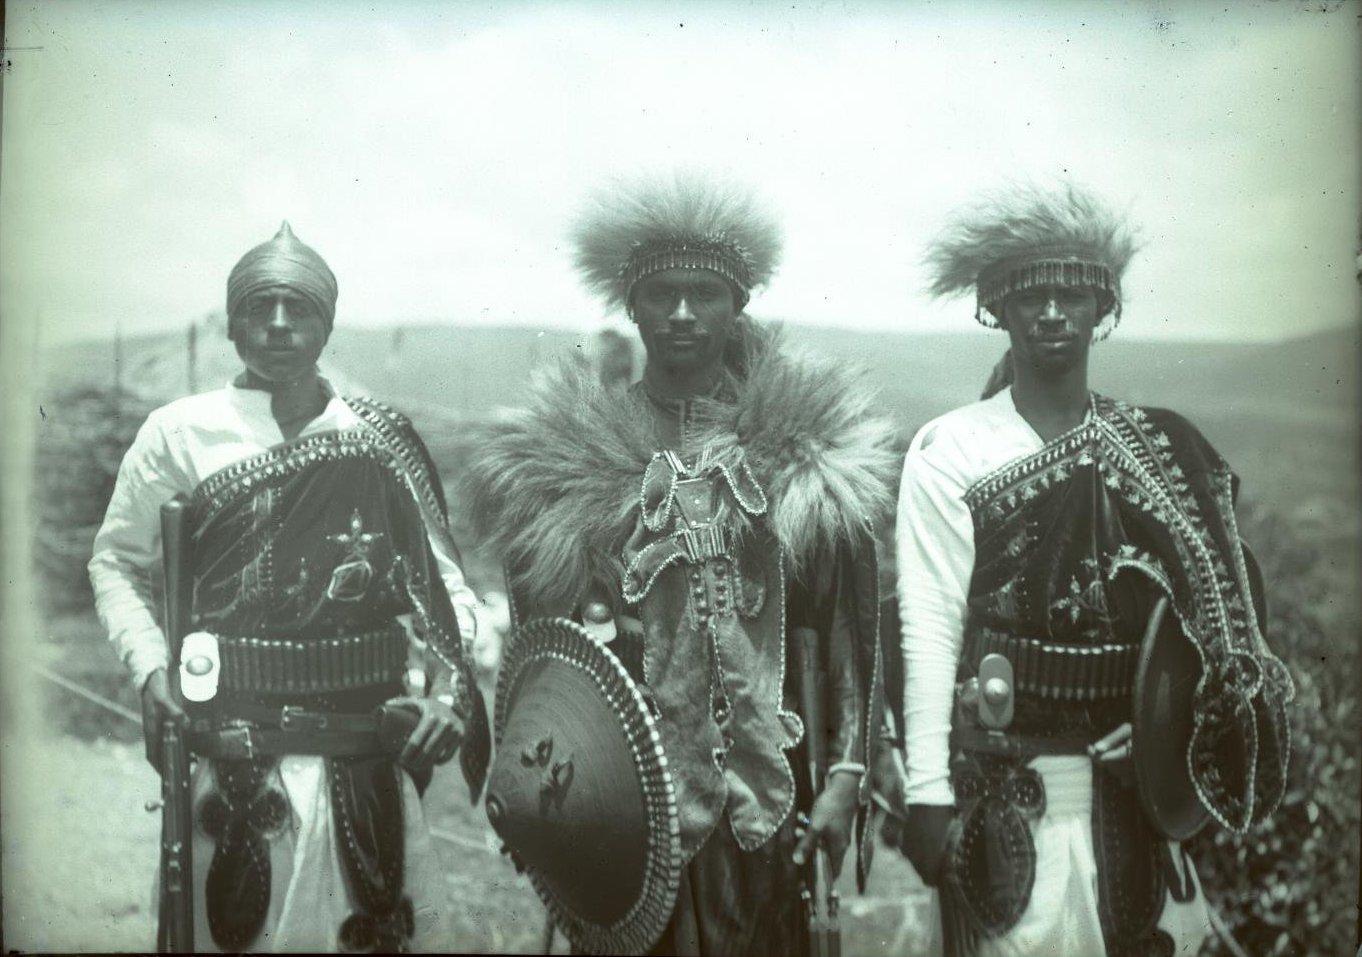 377. 1899. Абиссиния, Аддис-Абеба. Деджазмач (воевода) Ильма с братом в парадной форме